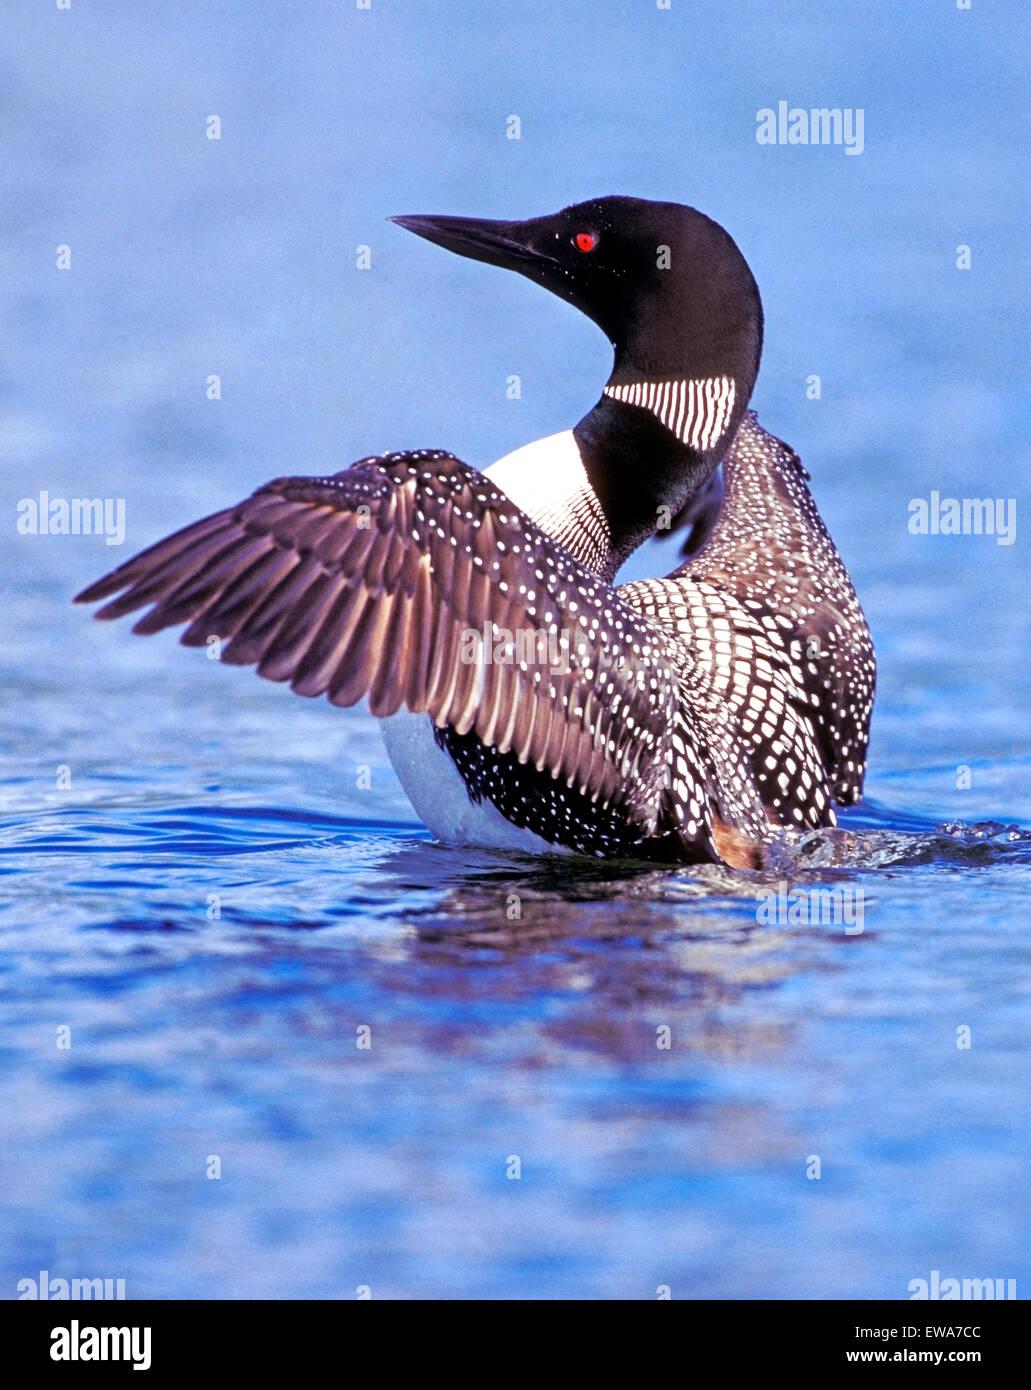 Gemeinsamen Loon oder Great Northern Diver Flügel ausbreiten Stockfoto